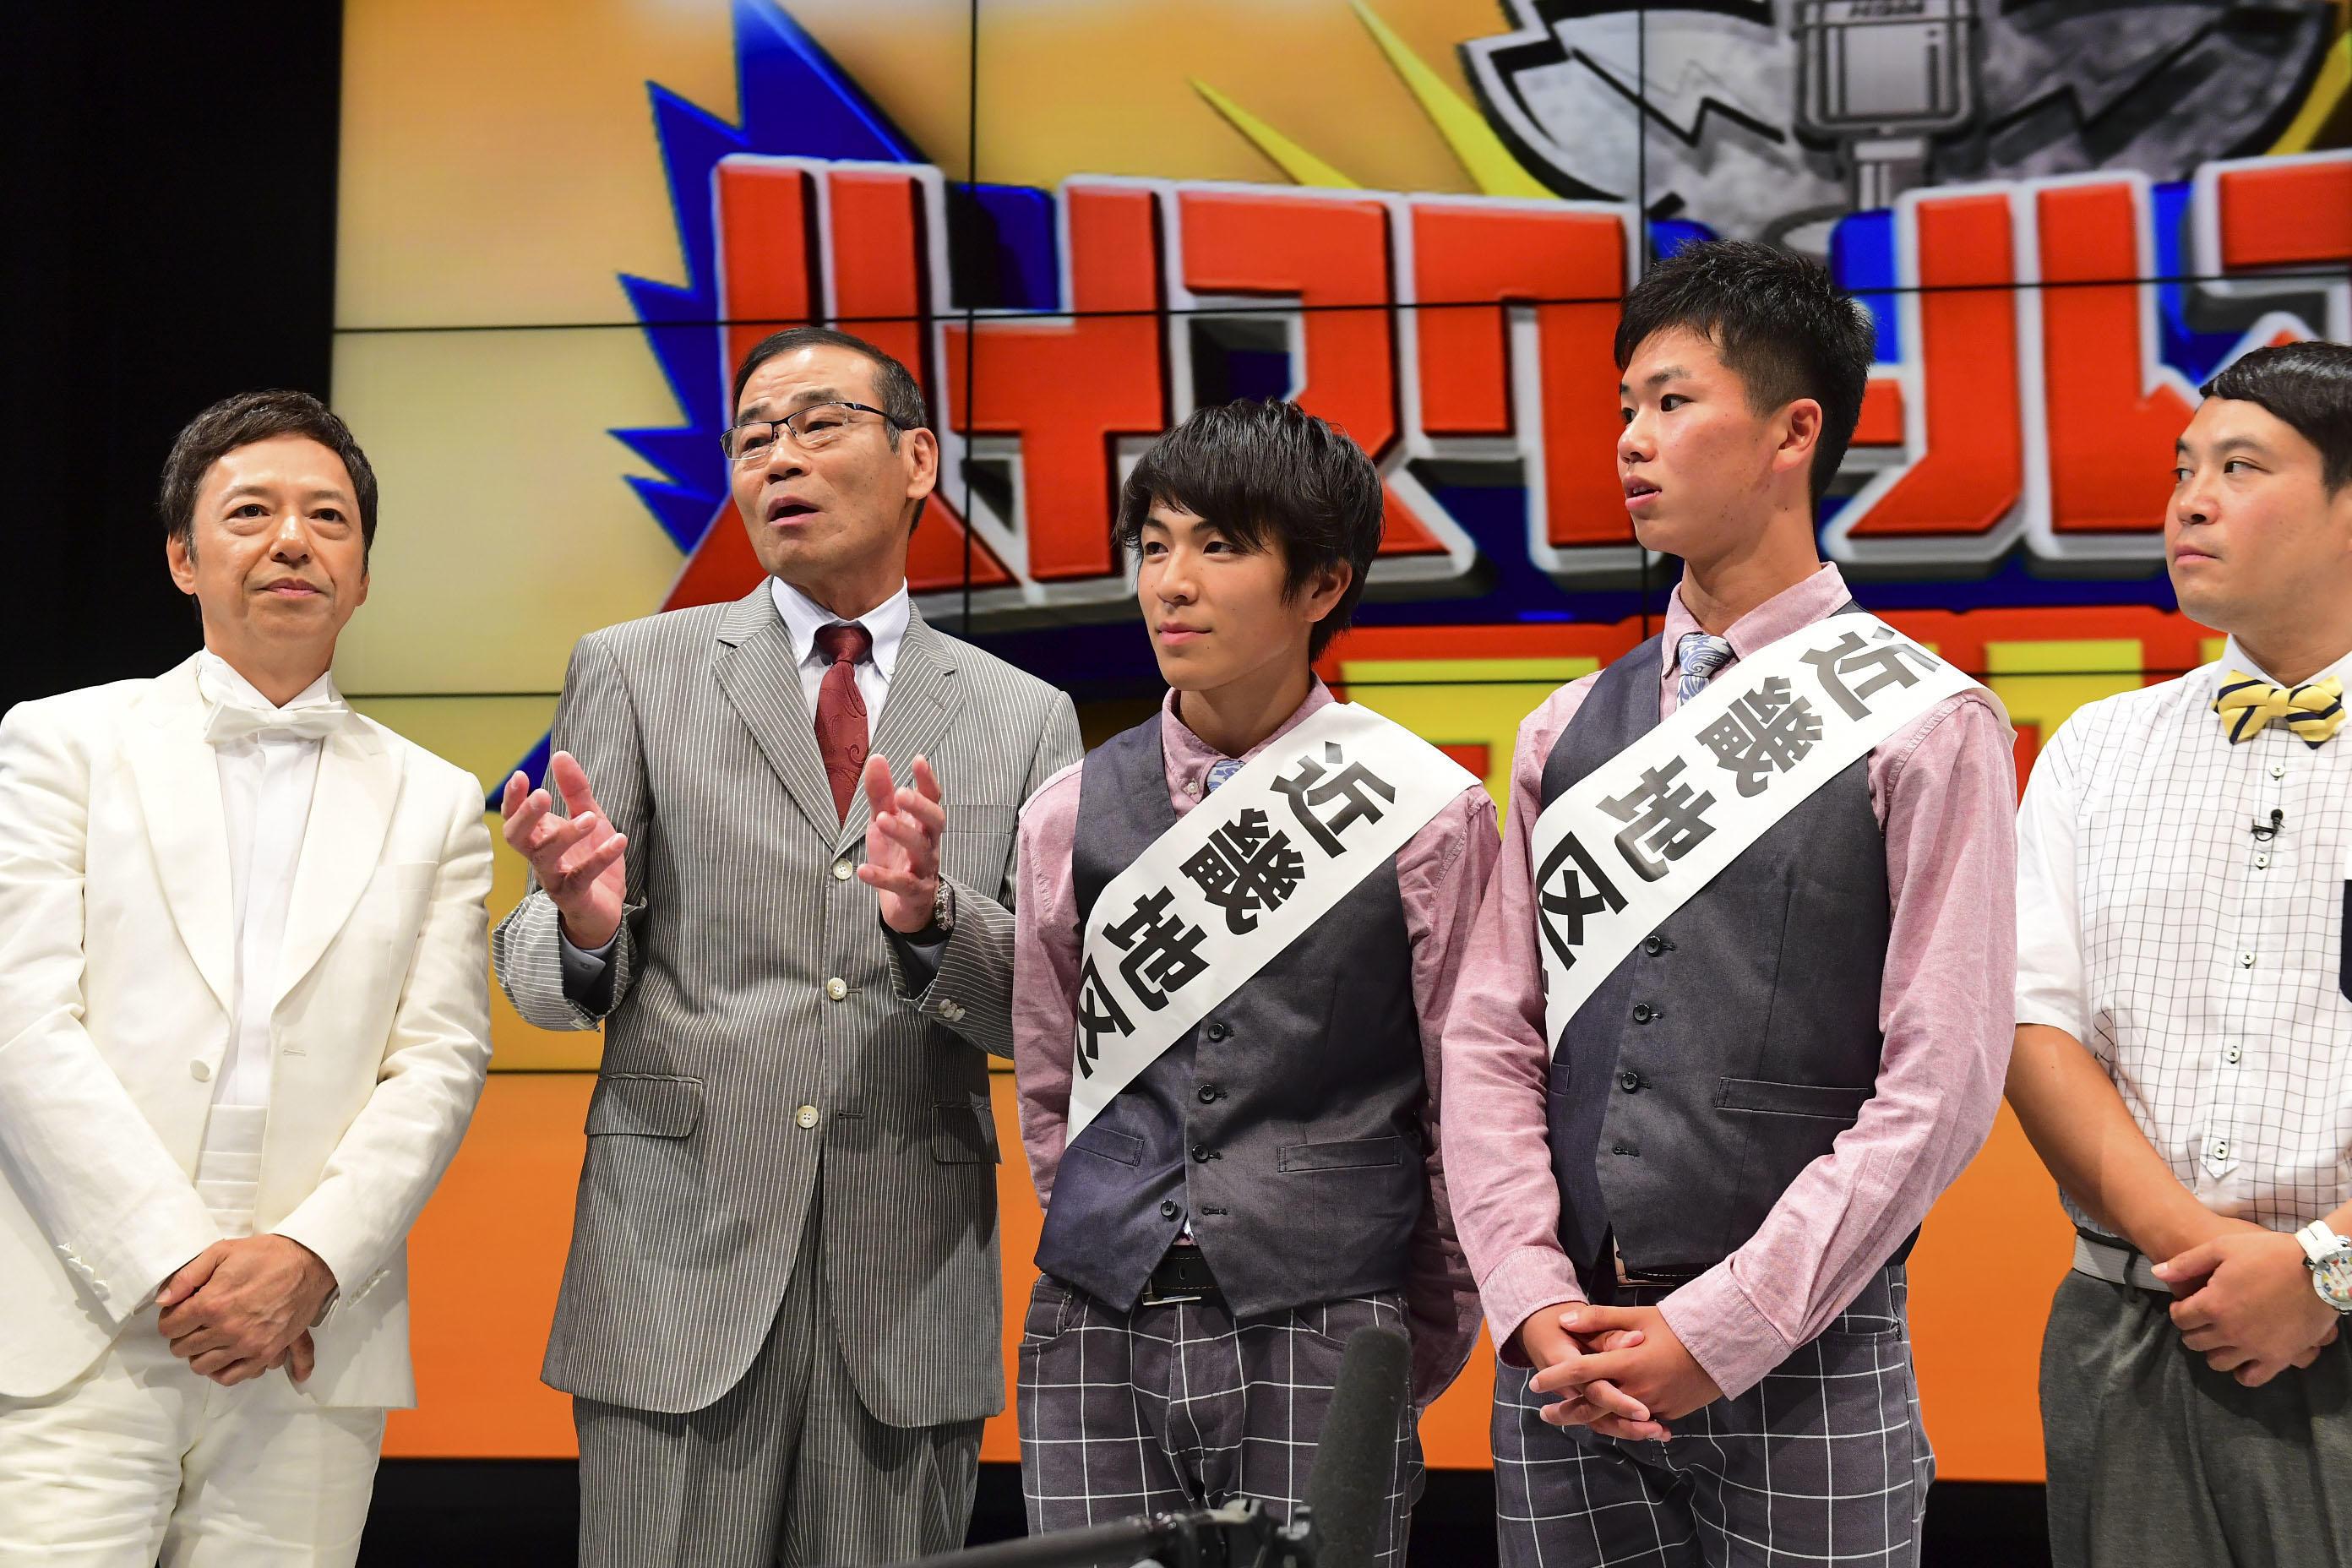 http://news.yoshimoto.co.jp/20170830150155-9e7efaee82e2eb77b798d72e57d541fbda647cb3.jpg